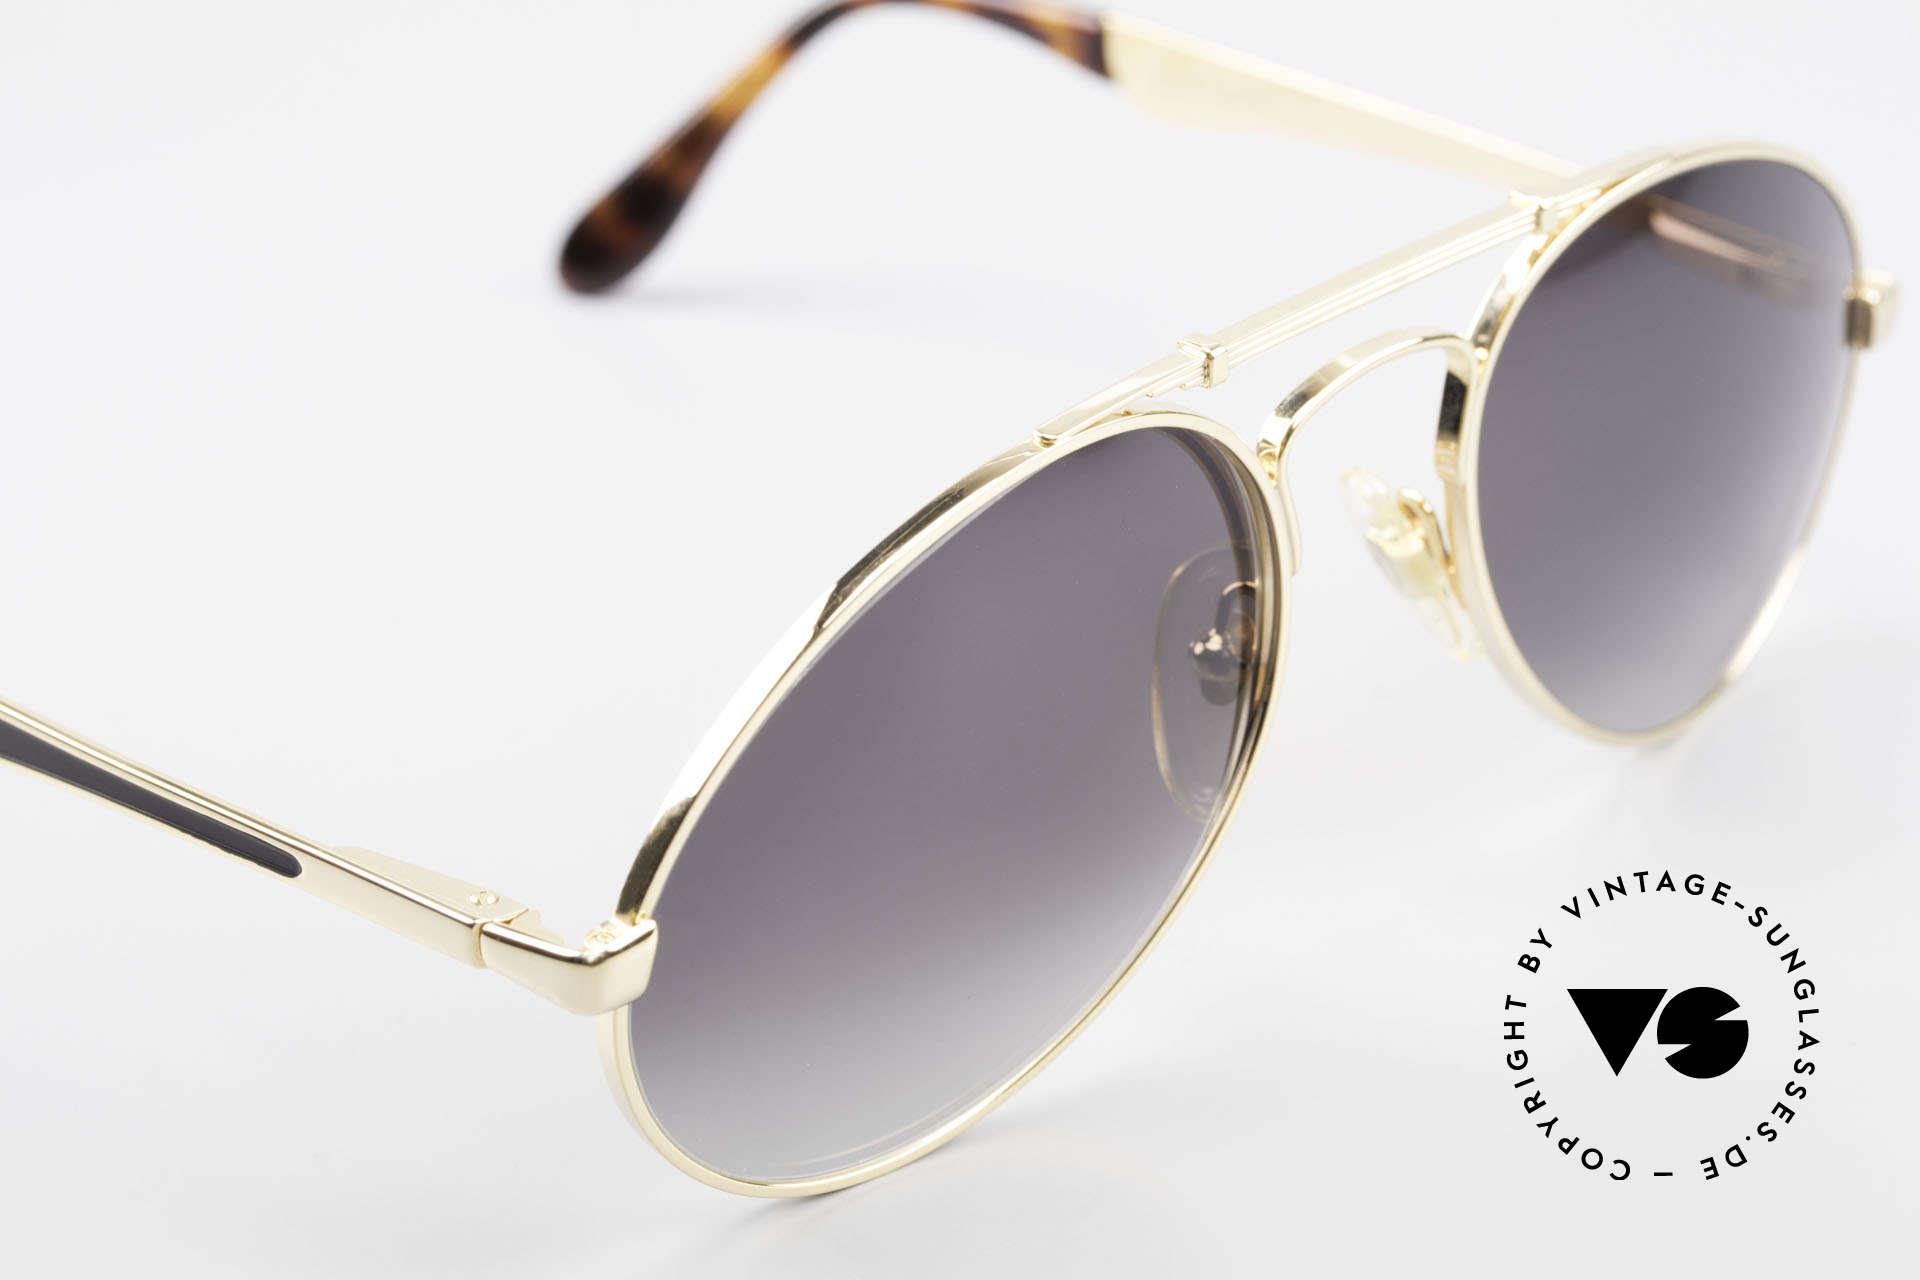 Bugatti 11911 80er Herren Luxus Sonnenbrille, KEINE Retrobrille; sondern alte ORIGINALbrille, Passend für Herren